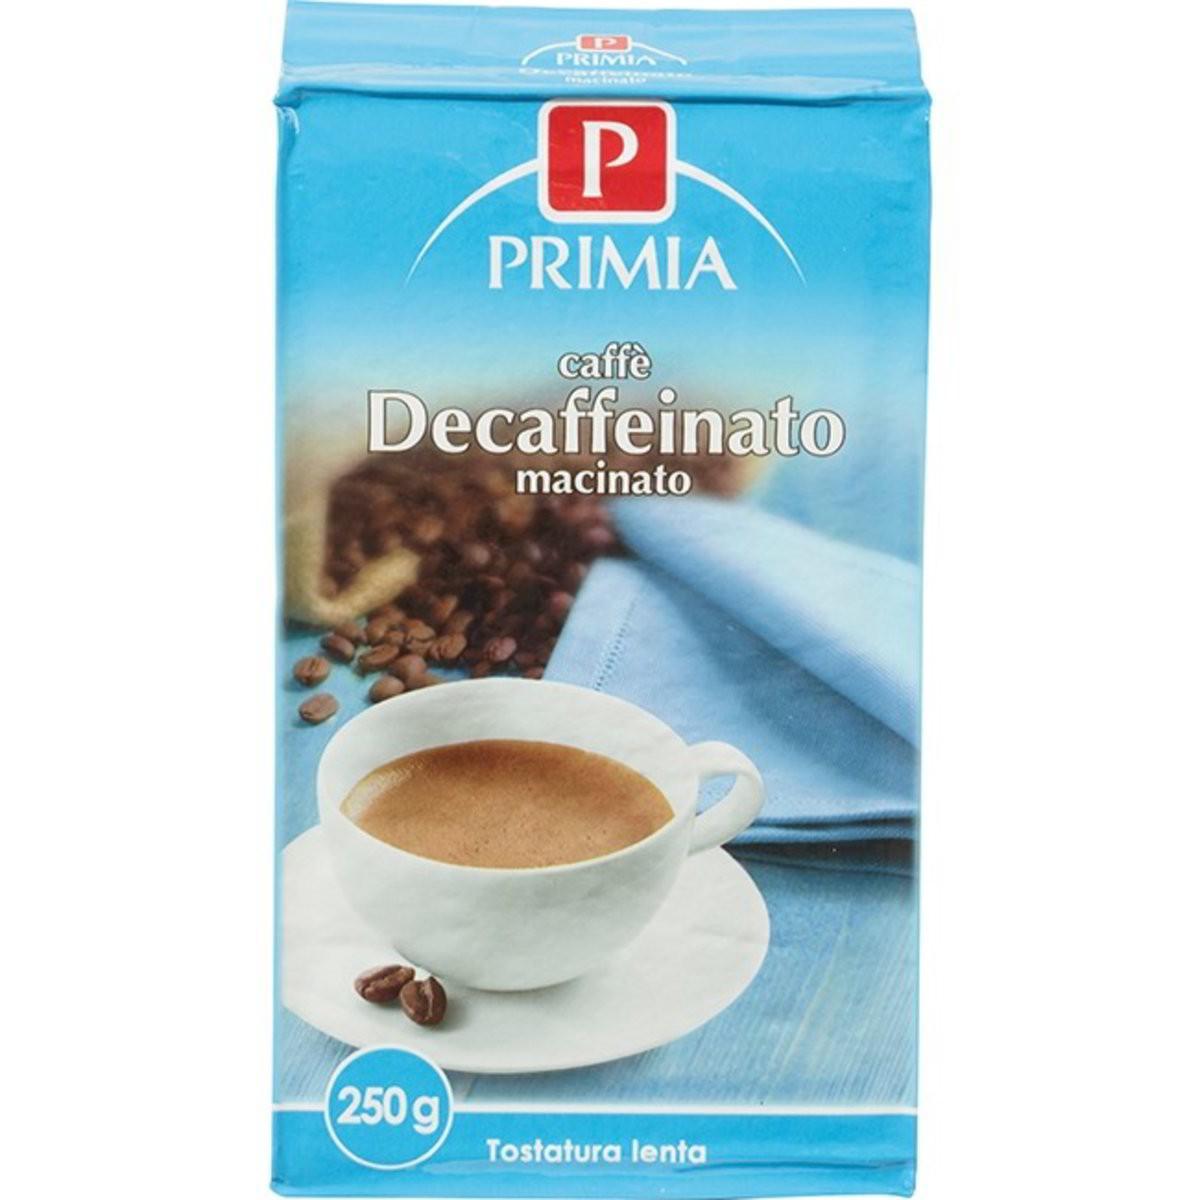 Primia Caffè decaffeinato macinato